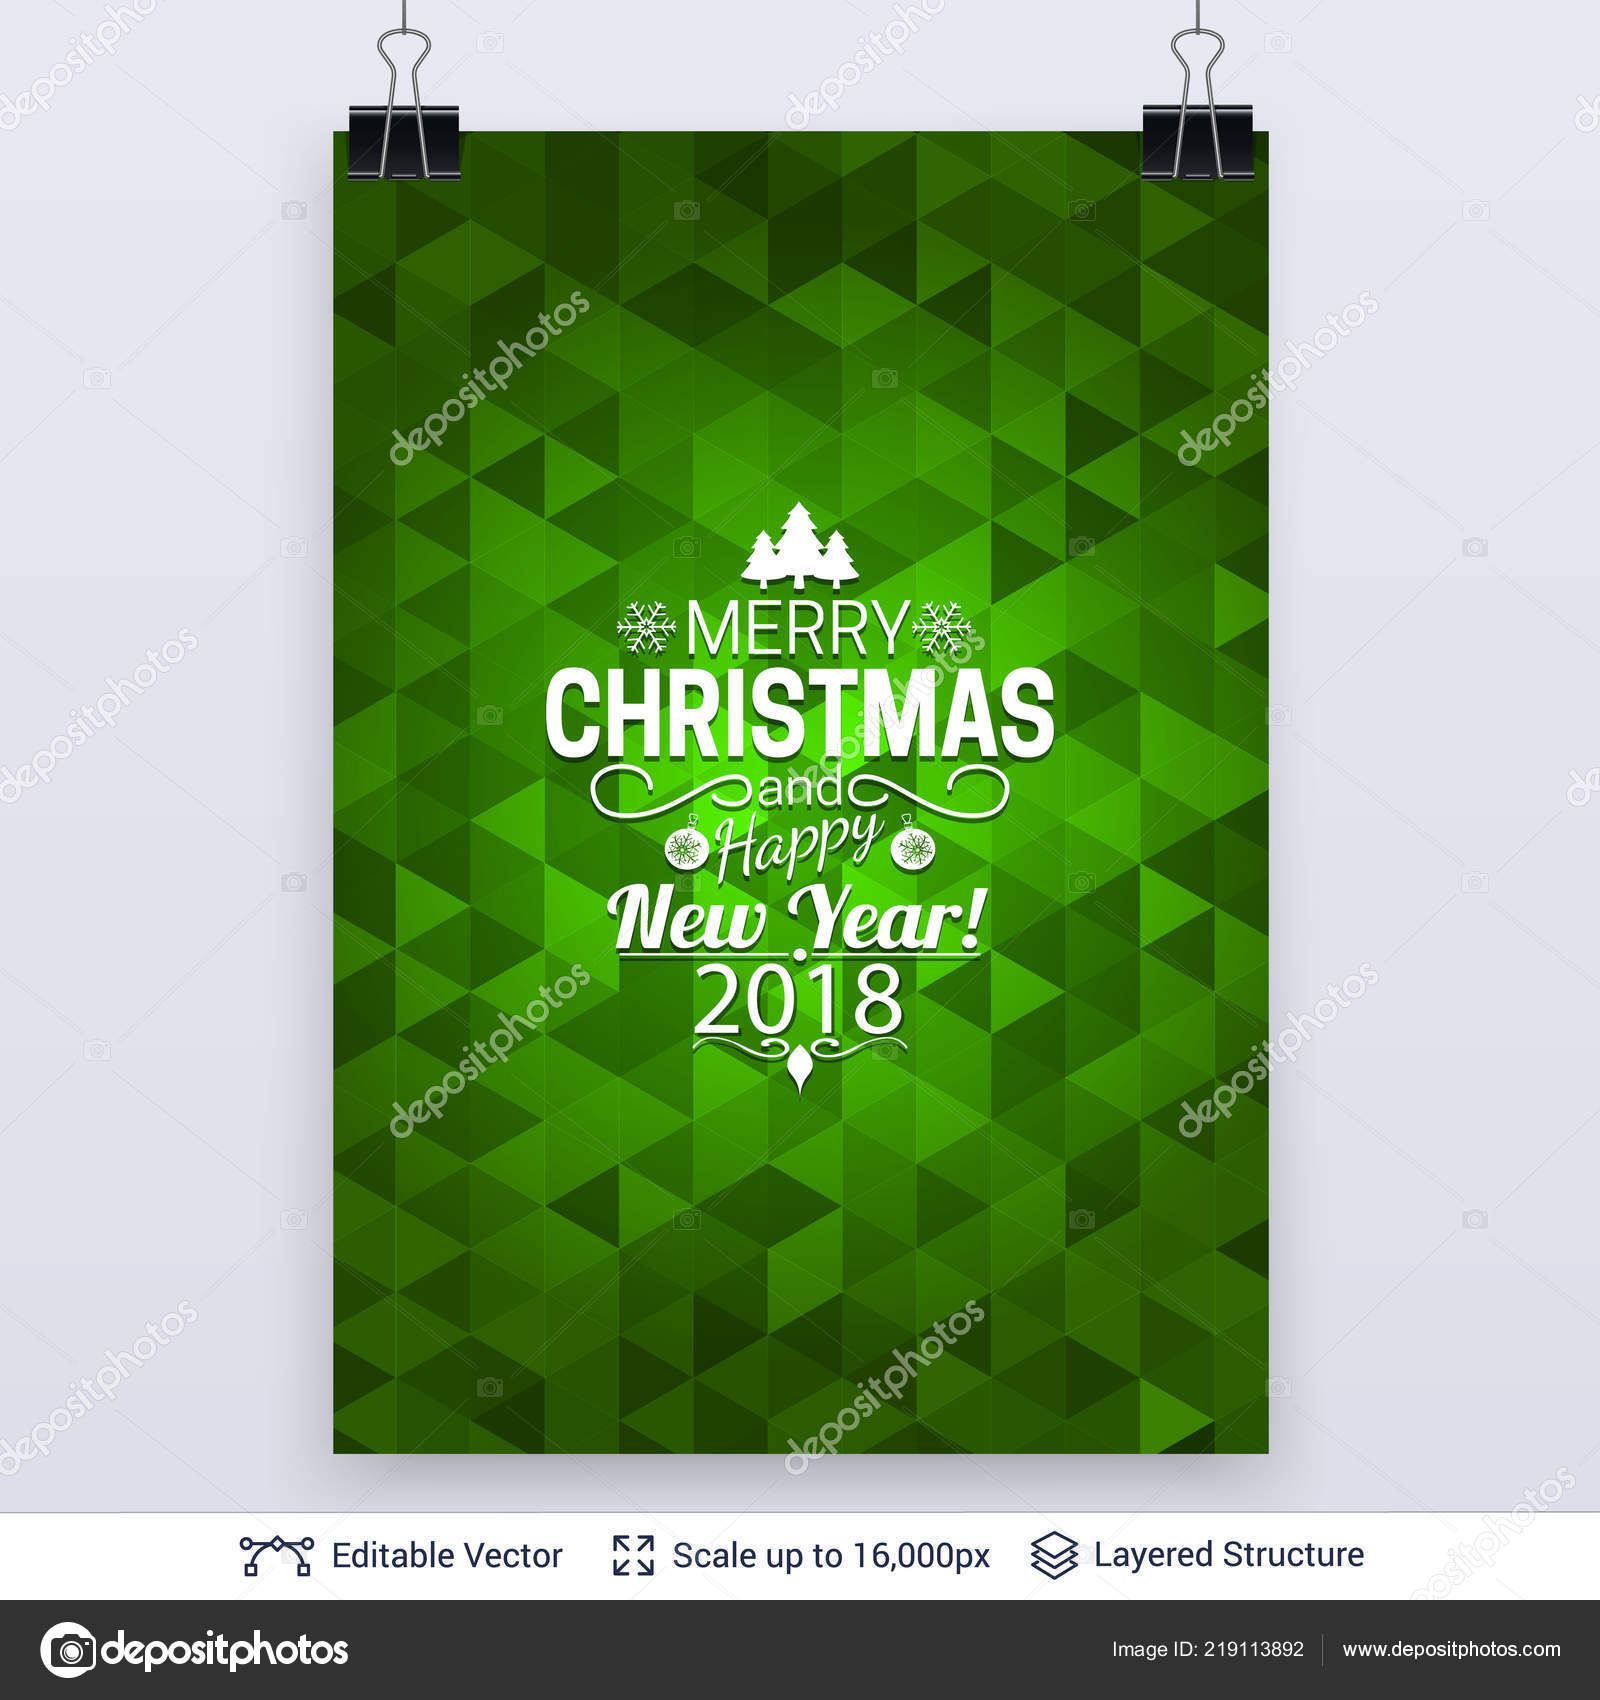 Zusammenfassung Hintergrund Mit Weihnachtsgruß Text Stockvektor